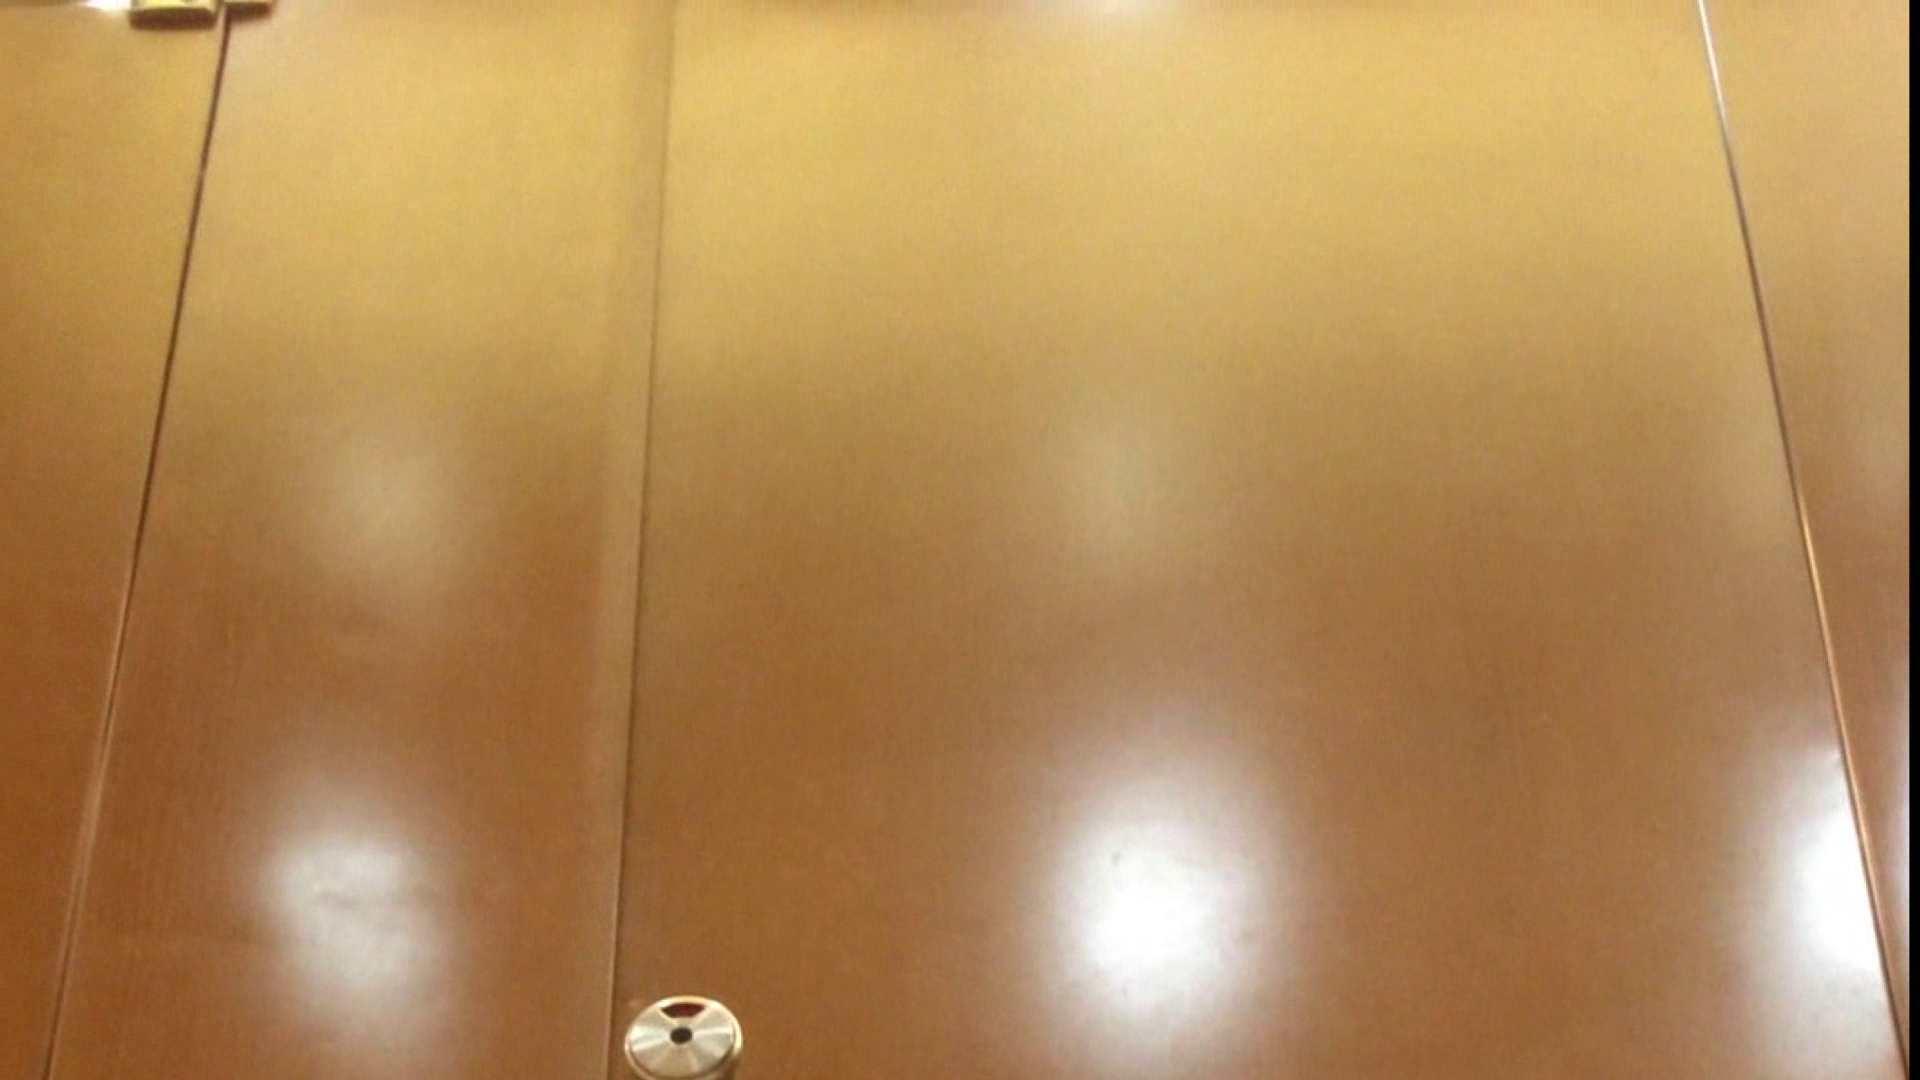 「噂」の国の厠観察日記2 Vol.01 美しいOLの裸体 | 厠隠し撮り  102pic 7